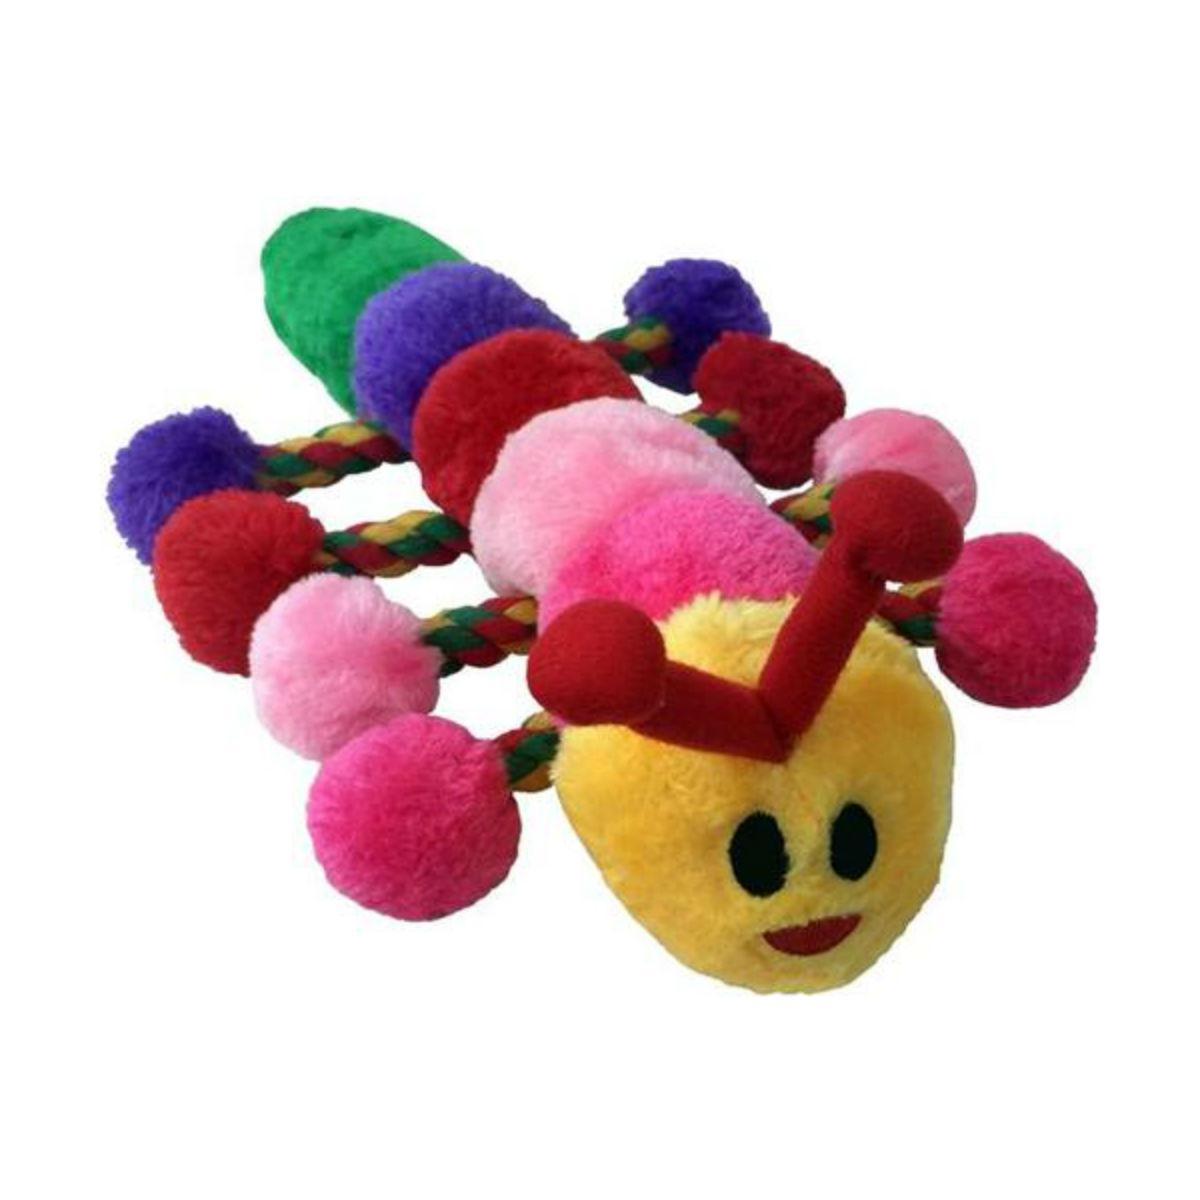 PetLou Caterpillar Plush Rope Dog Toy